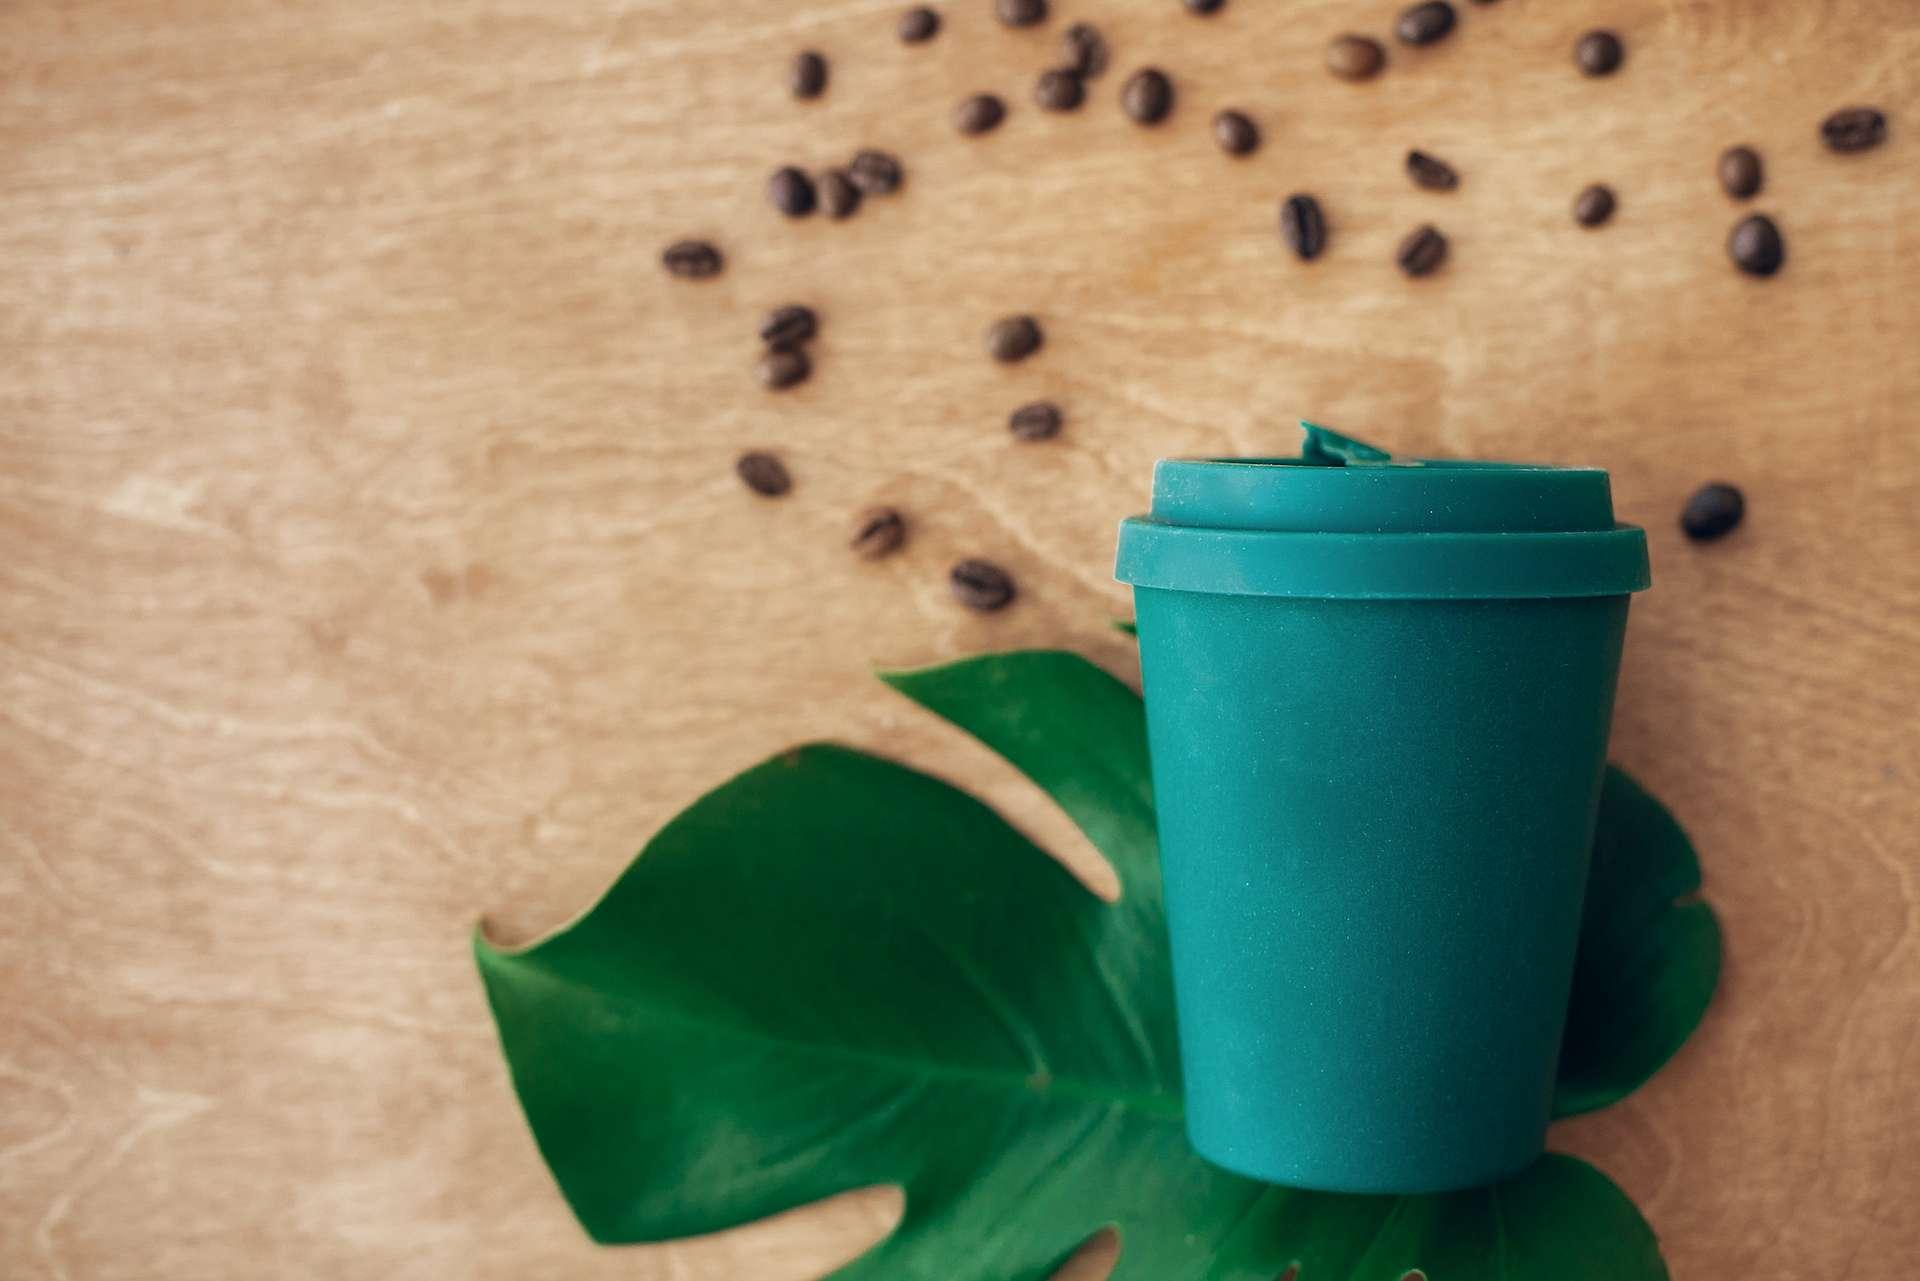 Les mugs en bambou relâchent des substances cancérigènes lorsqu'on y verse de l'eau chaude. © sonyachny, Adobe Stock